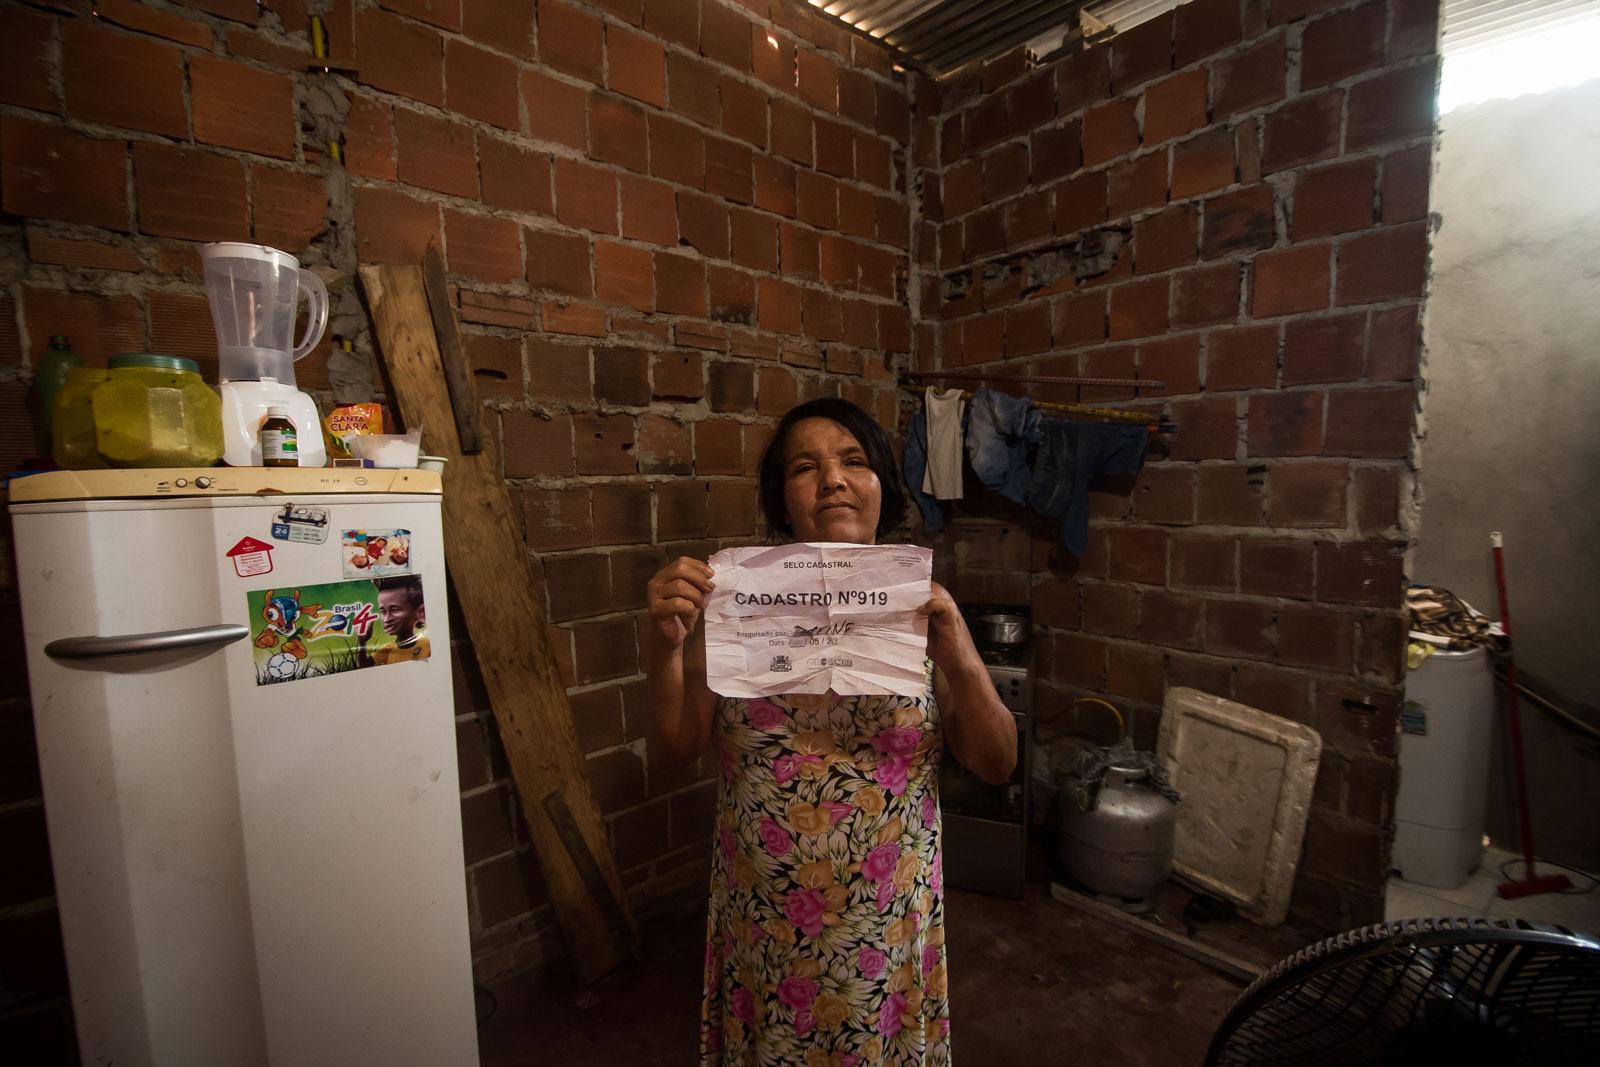 Regina exibe o único documento que tem de comprovação de cadastro para o Habitacional Vila Brasil I (foto: Inês Campelo/Marco Zero Conteúdo)